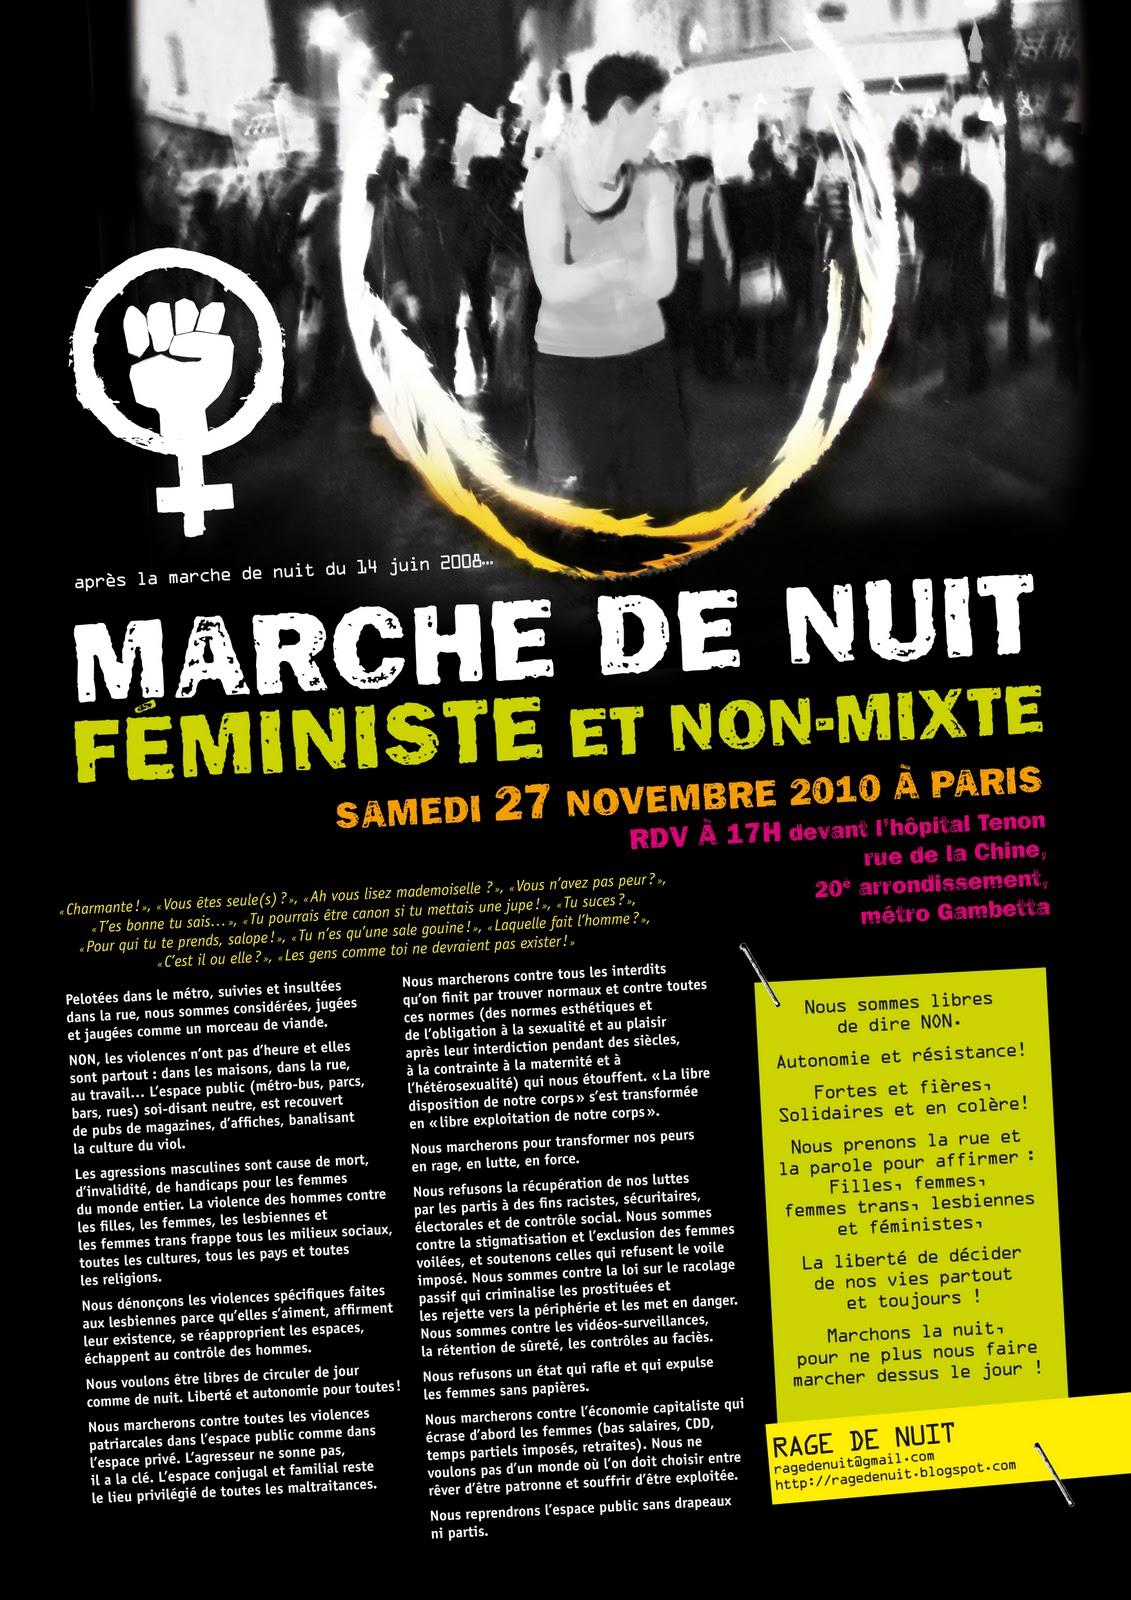 Manifestations féministes non-mixtes de nuit à Paris et à Lille AfficheA3couleur